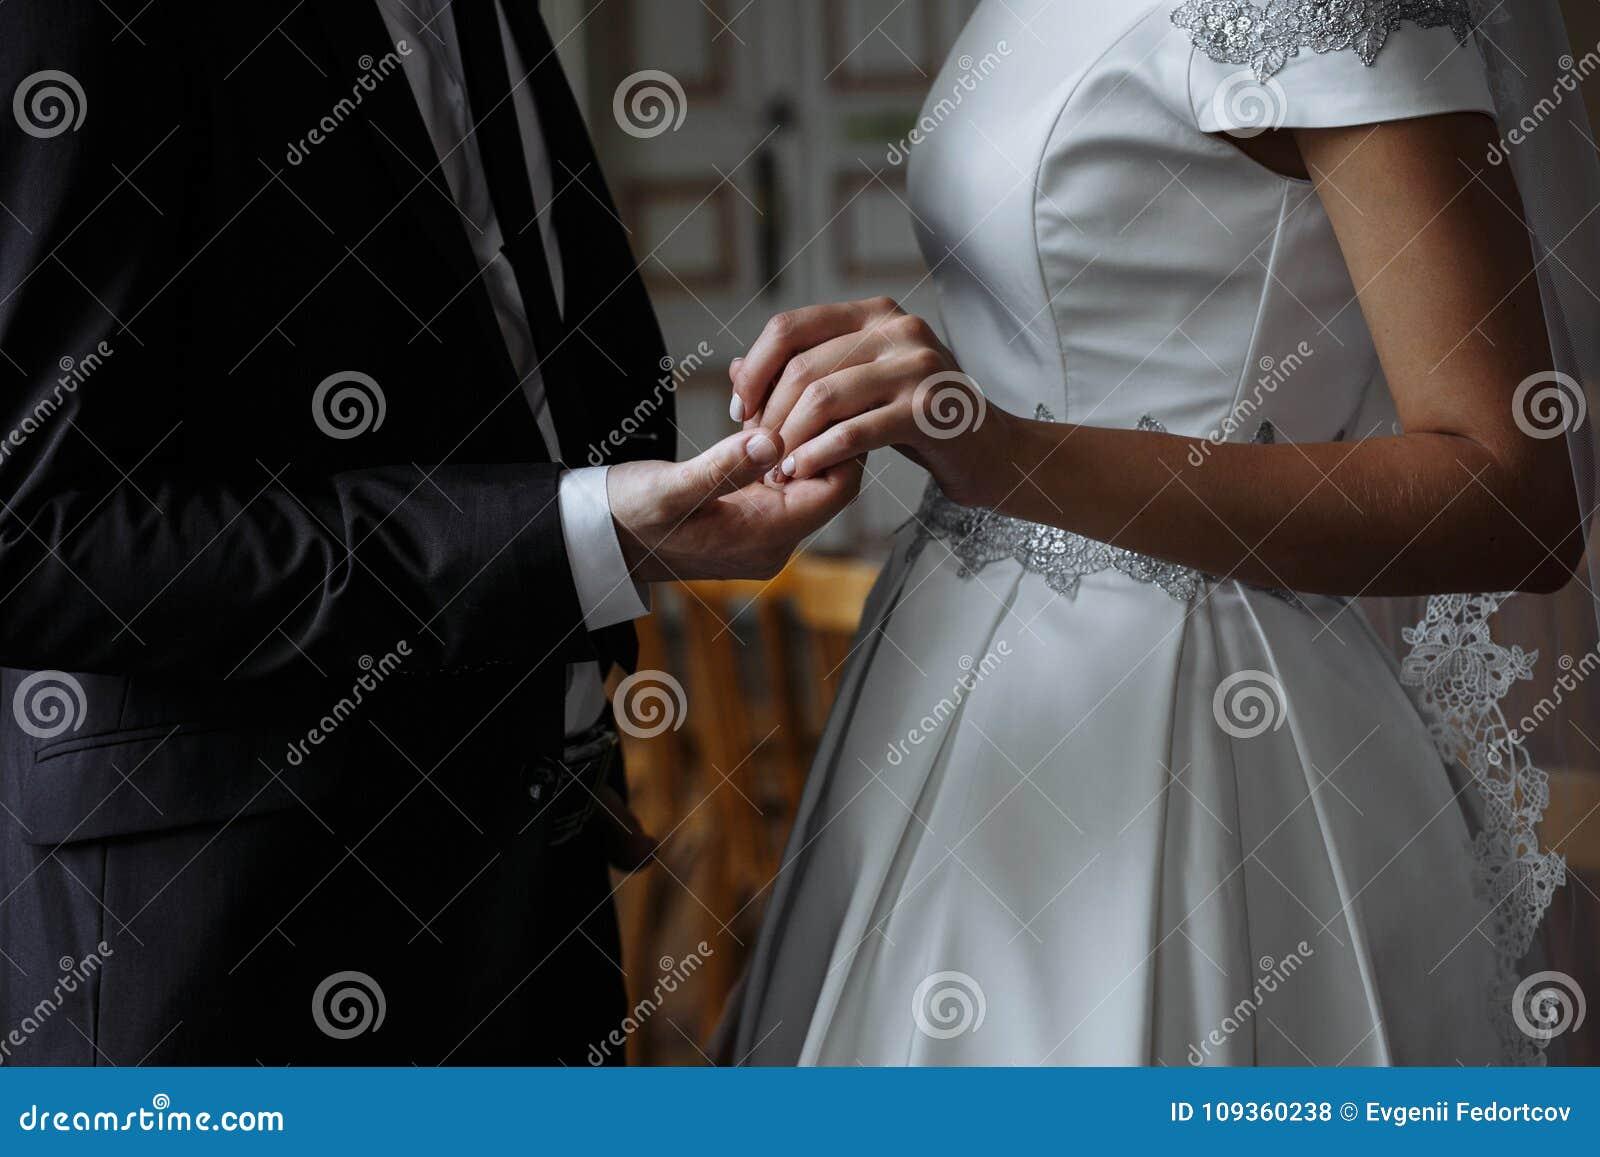 Nygifta personer för bröllopet